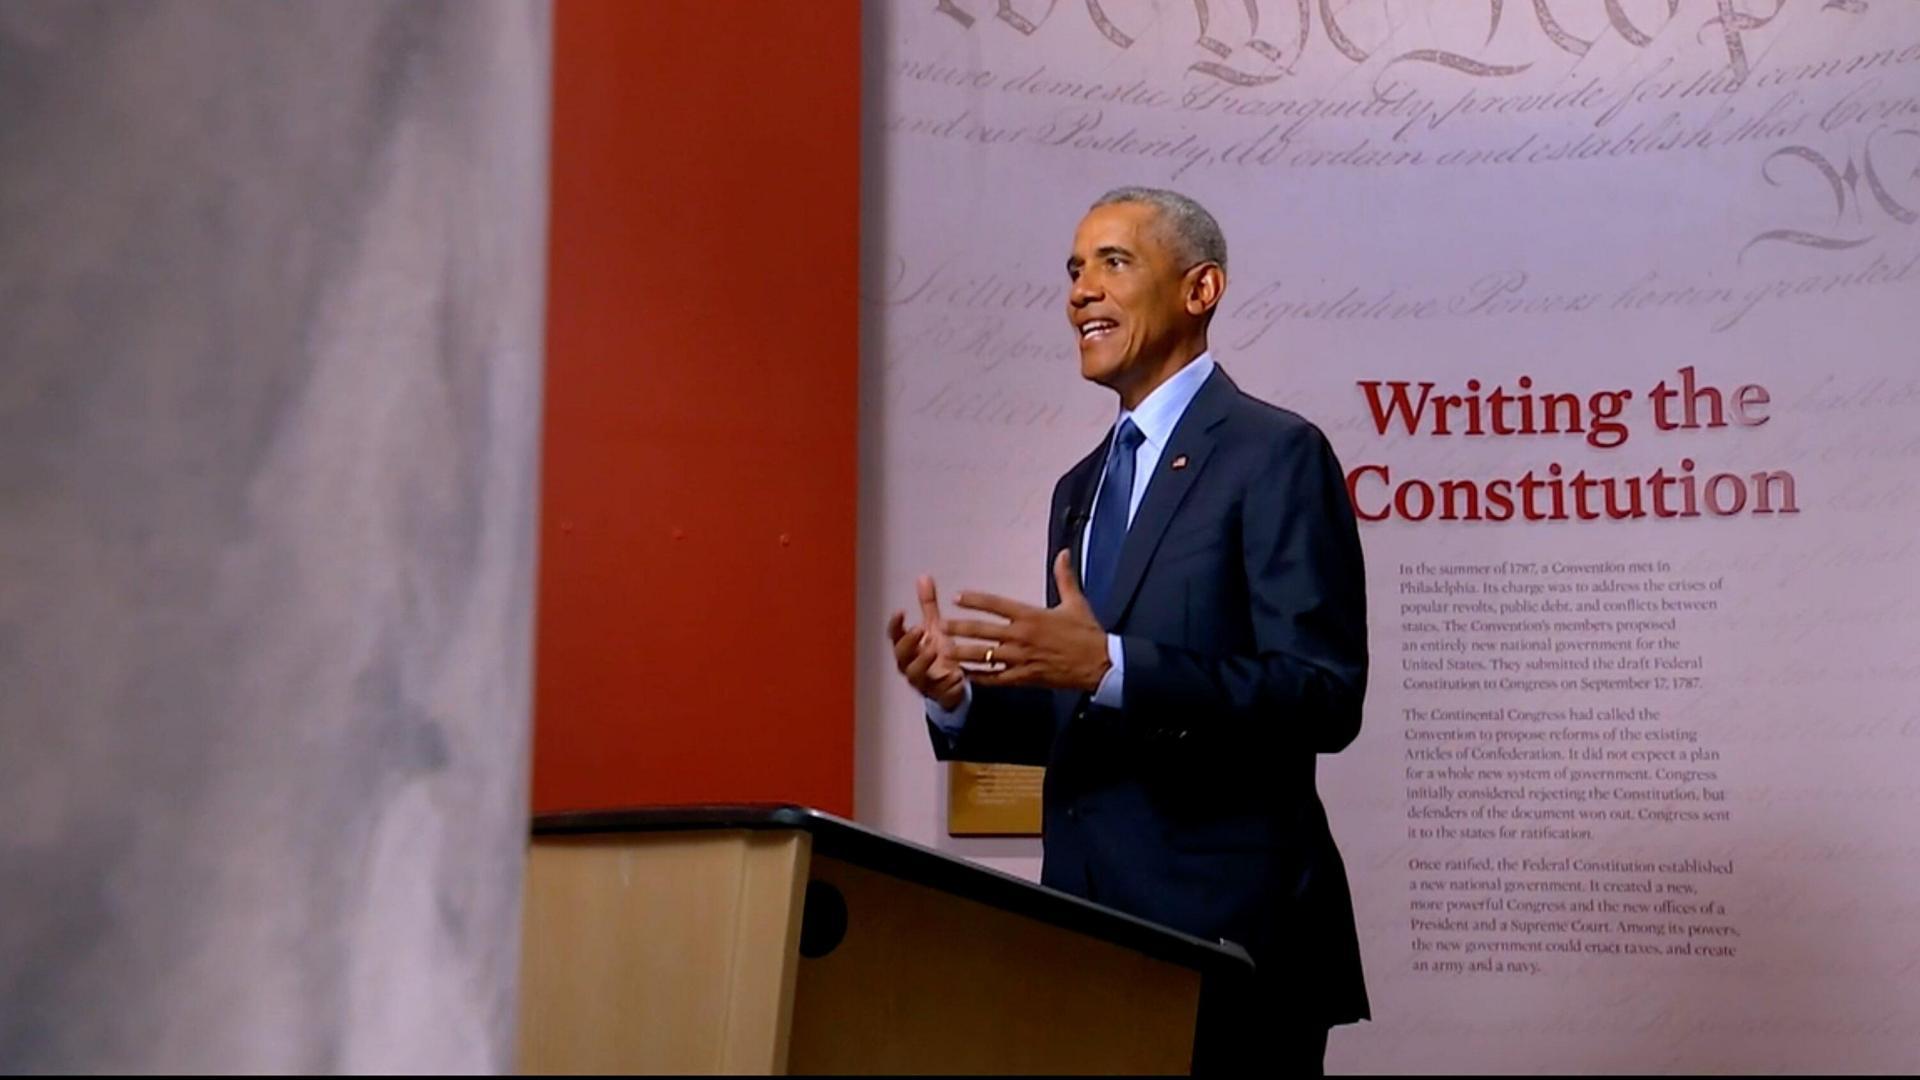 Cựu tổng thống Obama phát biểu tại Đại hội Toàn quốc đảng Dân chủ hôm 19/8. Ảnh: DNCC.